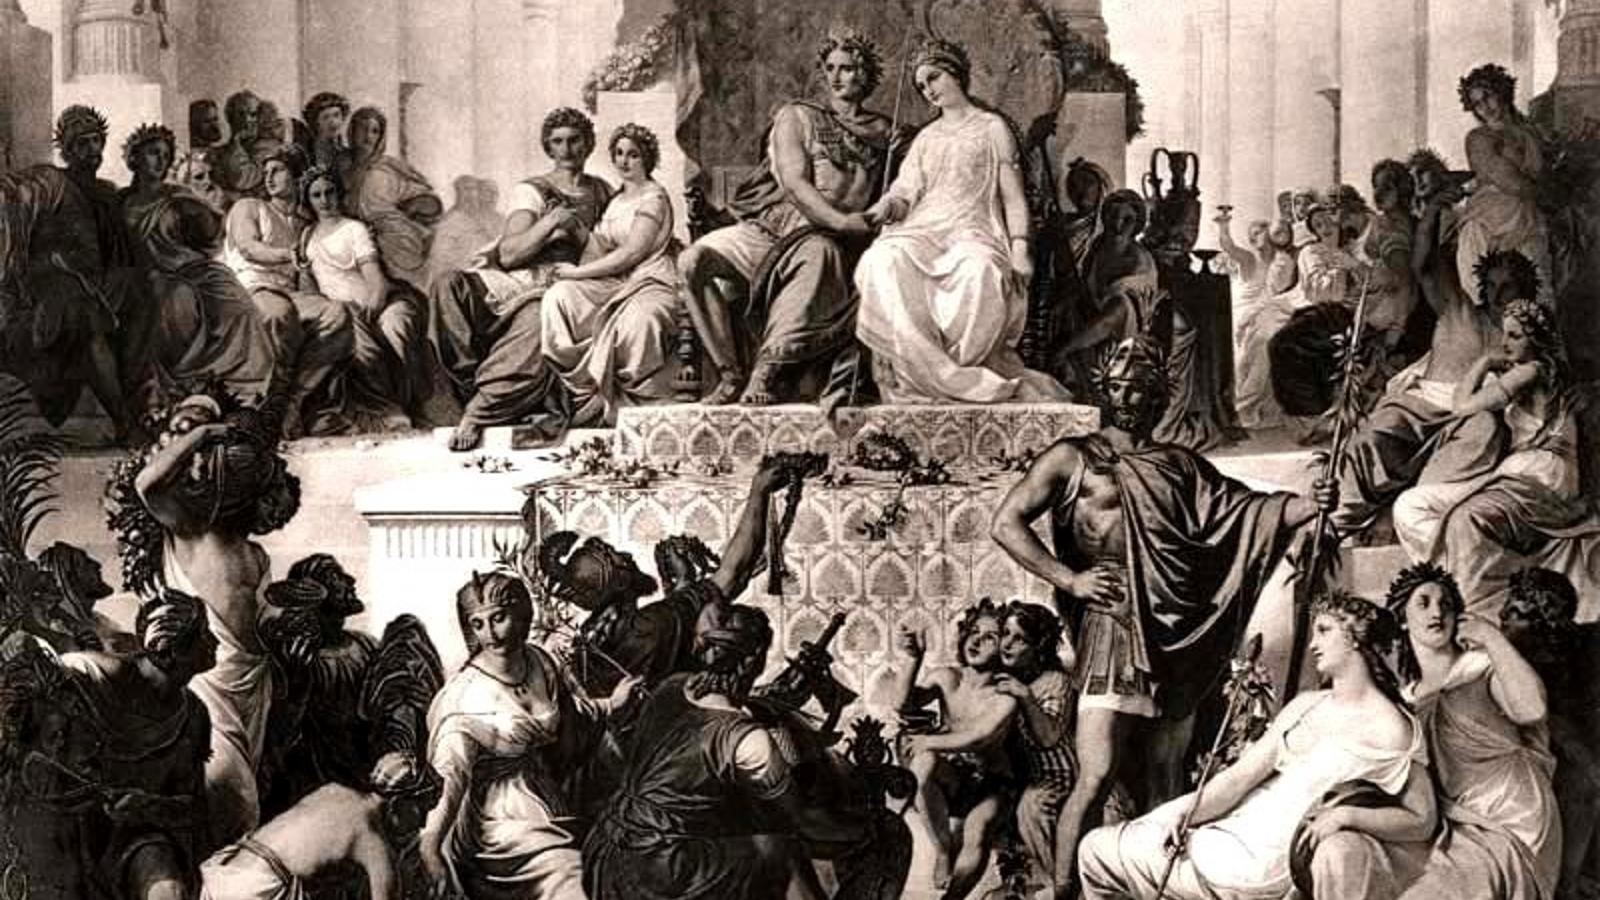 Az ókori hódító ezzel az aktussal szerette volna összekötni a görög és perzsa kultúrát. Ezért ő maga, valamint 80 vezető tisztje és mintegy ezer – egyes források szerint tízezer – katonája vett egyszerre nőül egy-egy perzsa lányt. A tömeges esküvő mintegy 10 ezer vendég részvételével állítólag öt napig tartott. (Wikipedia)